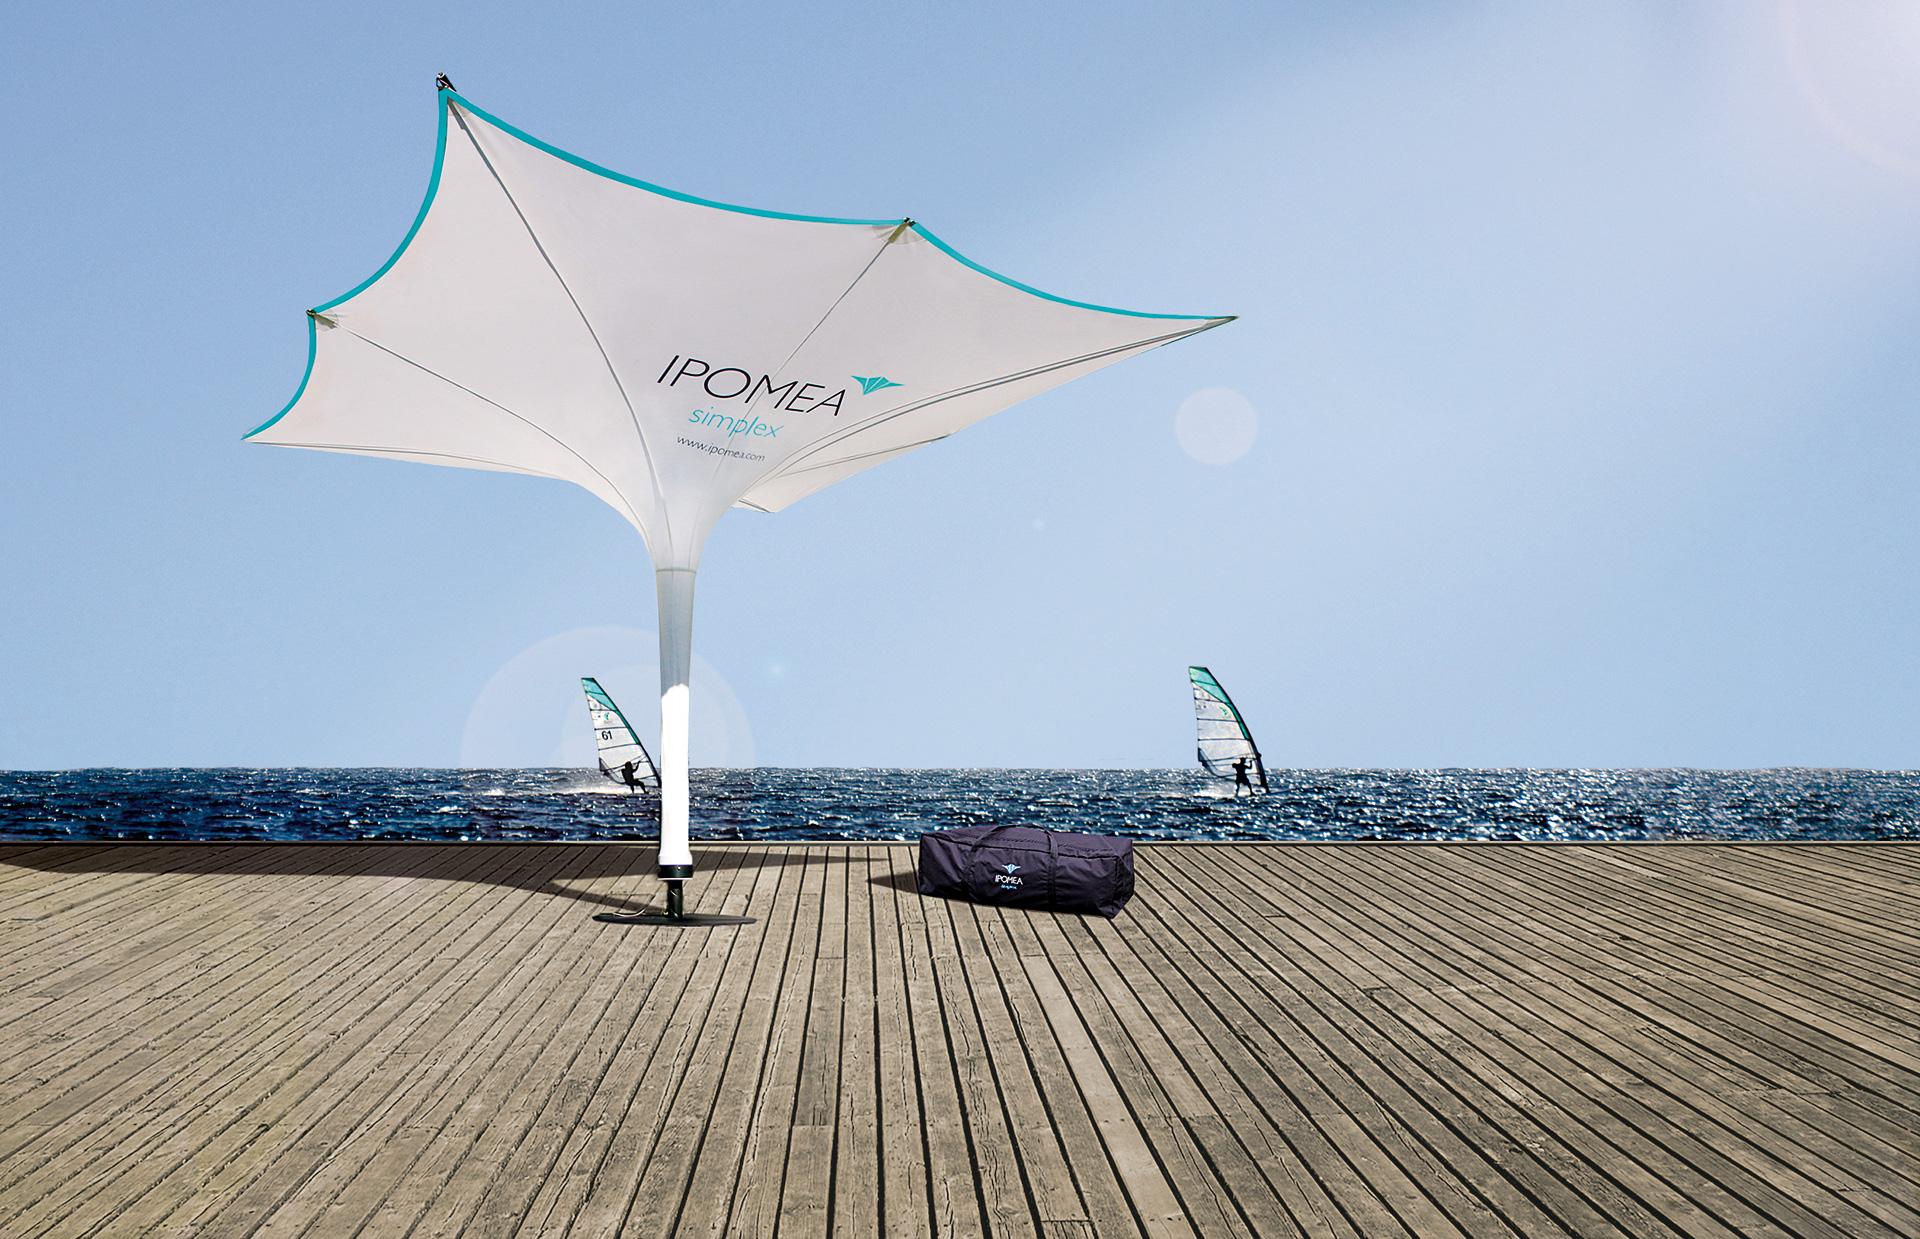 Sonnenschirm Werbung für Transport